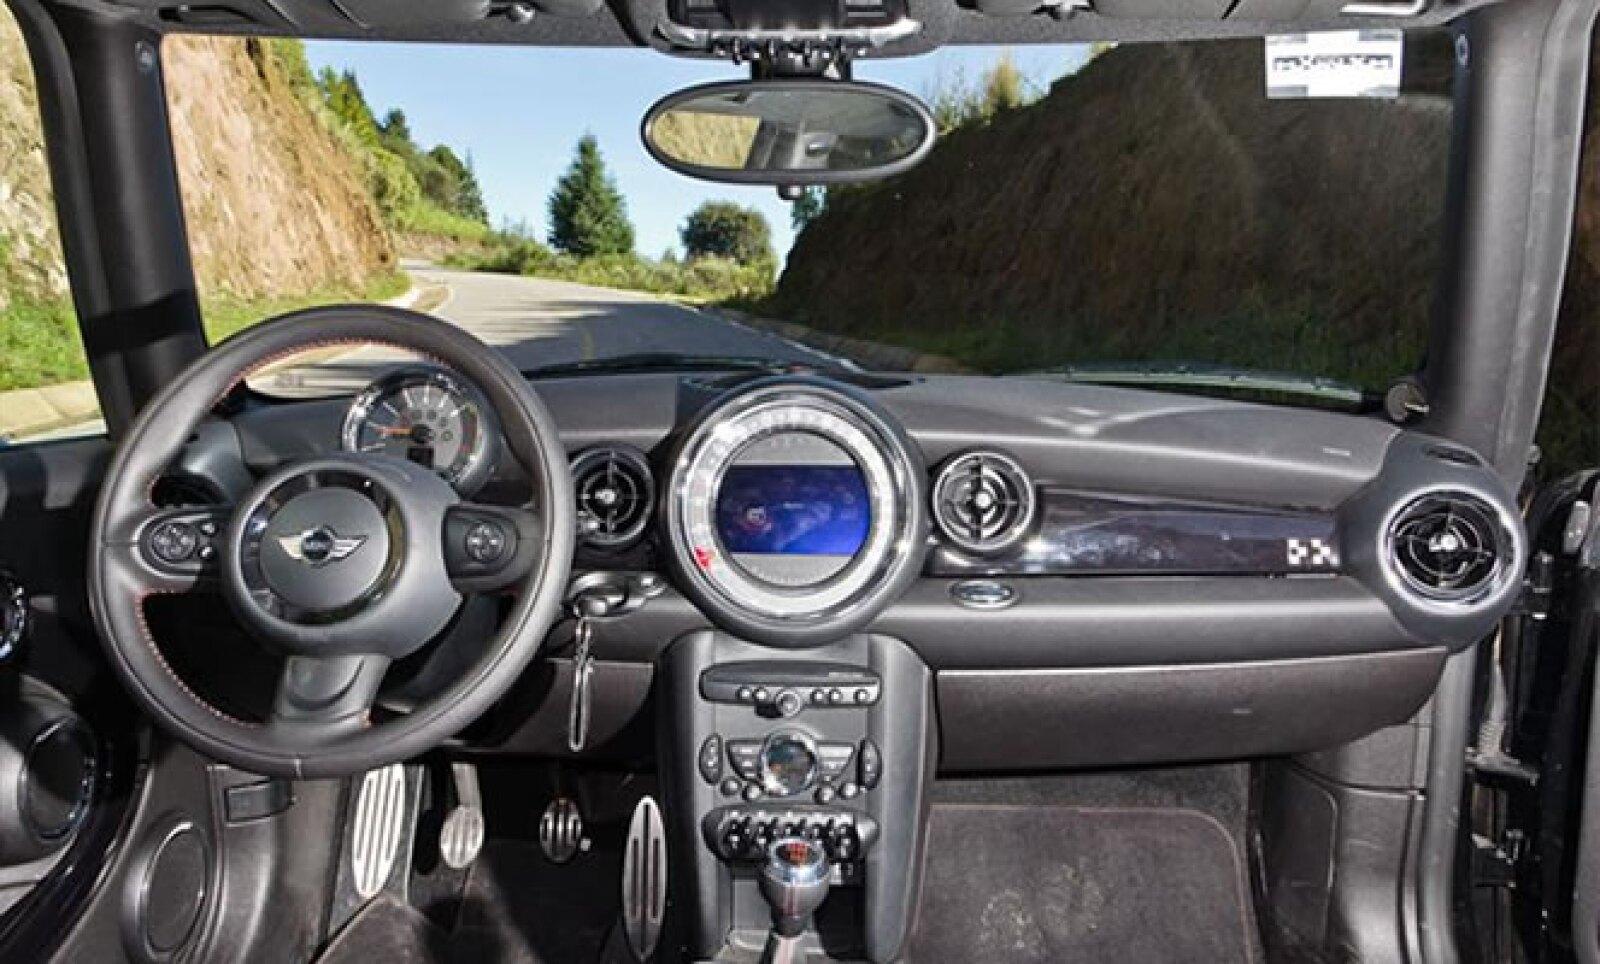 El enorme velocímetro colocado al centro del tablero ahora alberga también la pantalla de información relevante del comportamiento del vehículo.